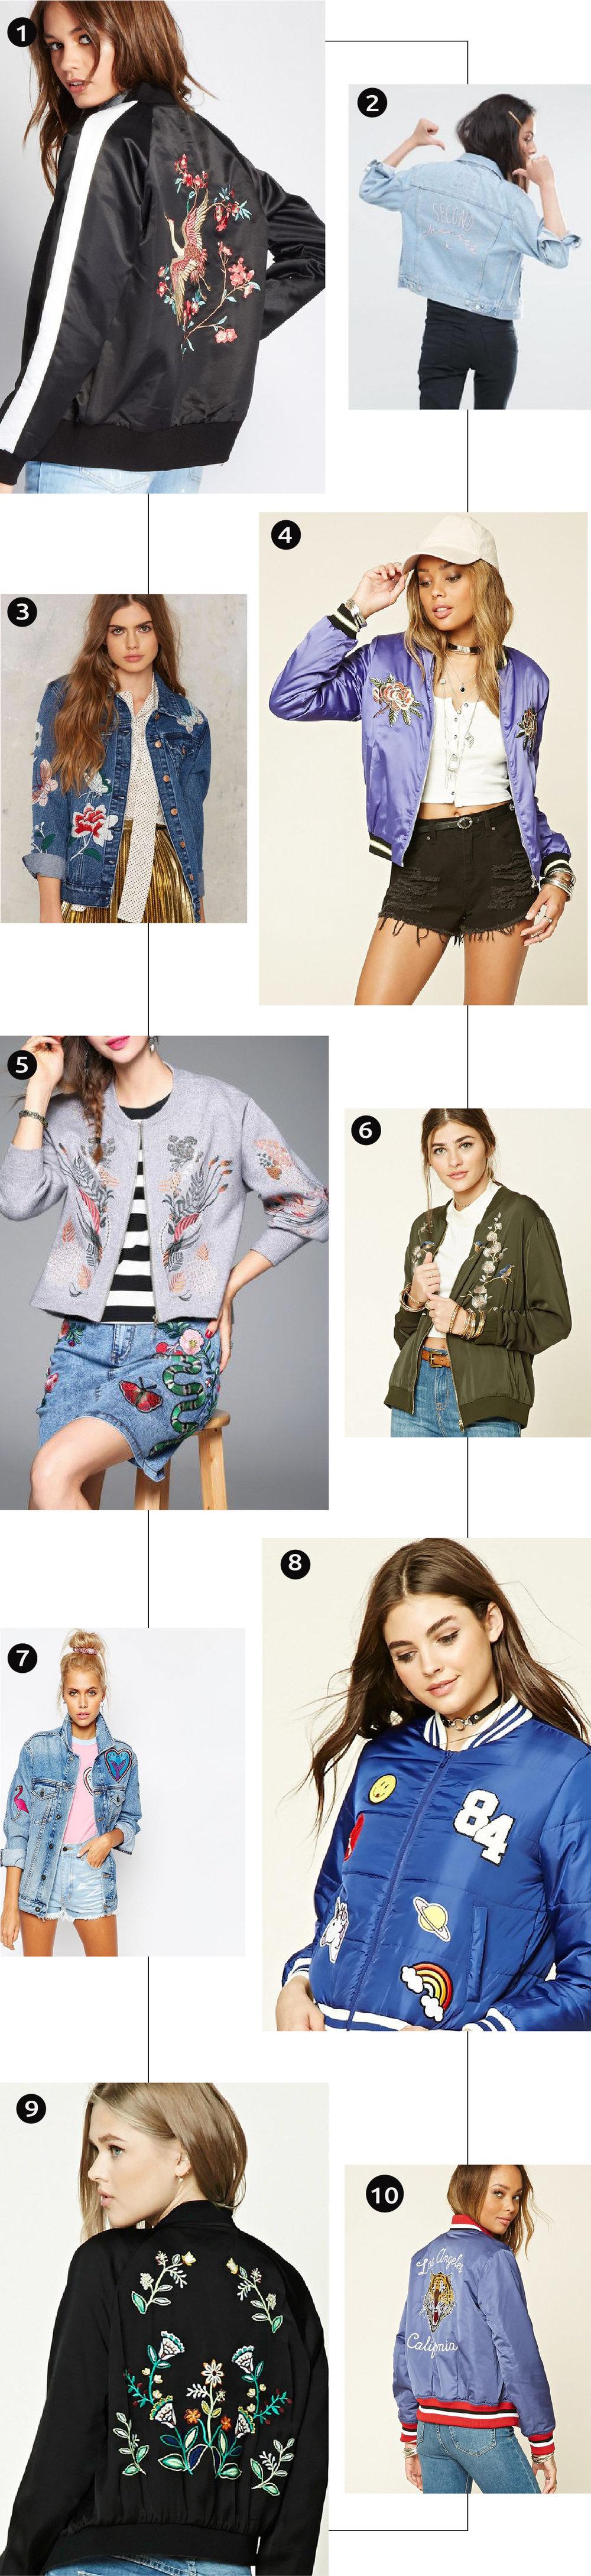 Chaquetas Decoradas: La Tendencia Mas Cool Del Otoño 2016 // De terciopelo a las chaquetas decoradas, podemos ver que este otoño de 2016 está lleno de tendencias divertidas. ¿Estas emocionada por esta tendencia?